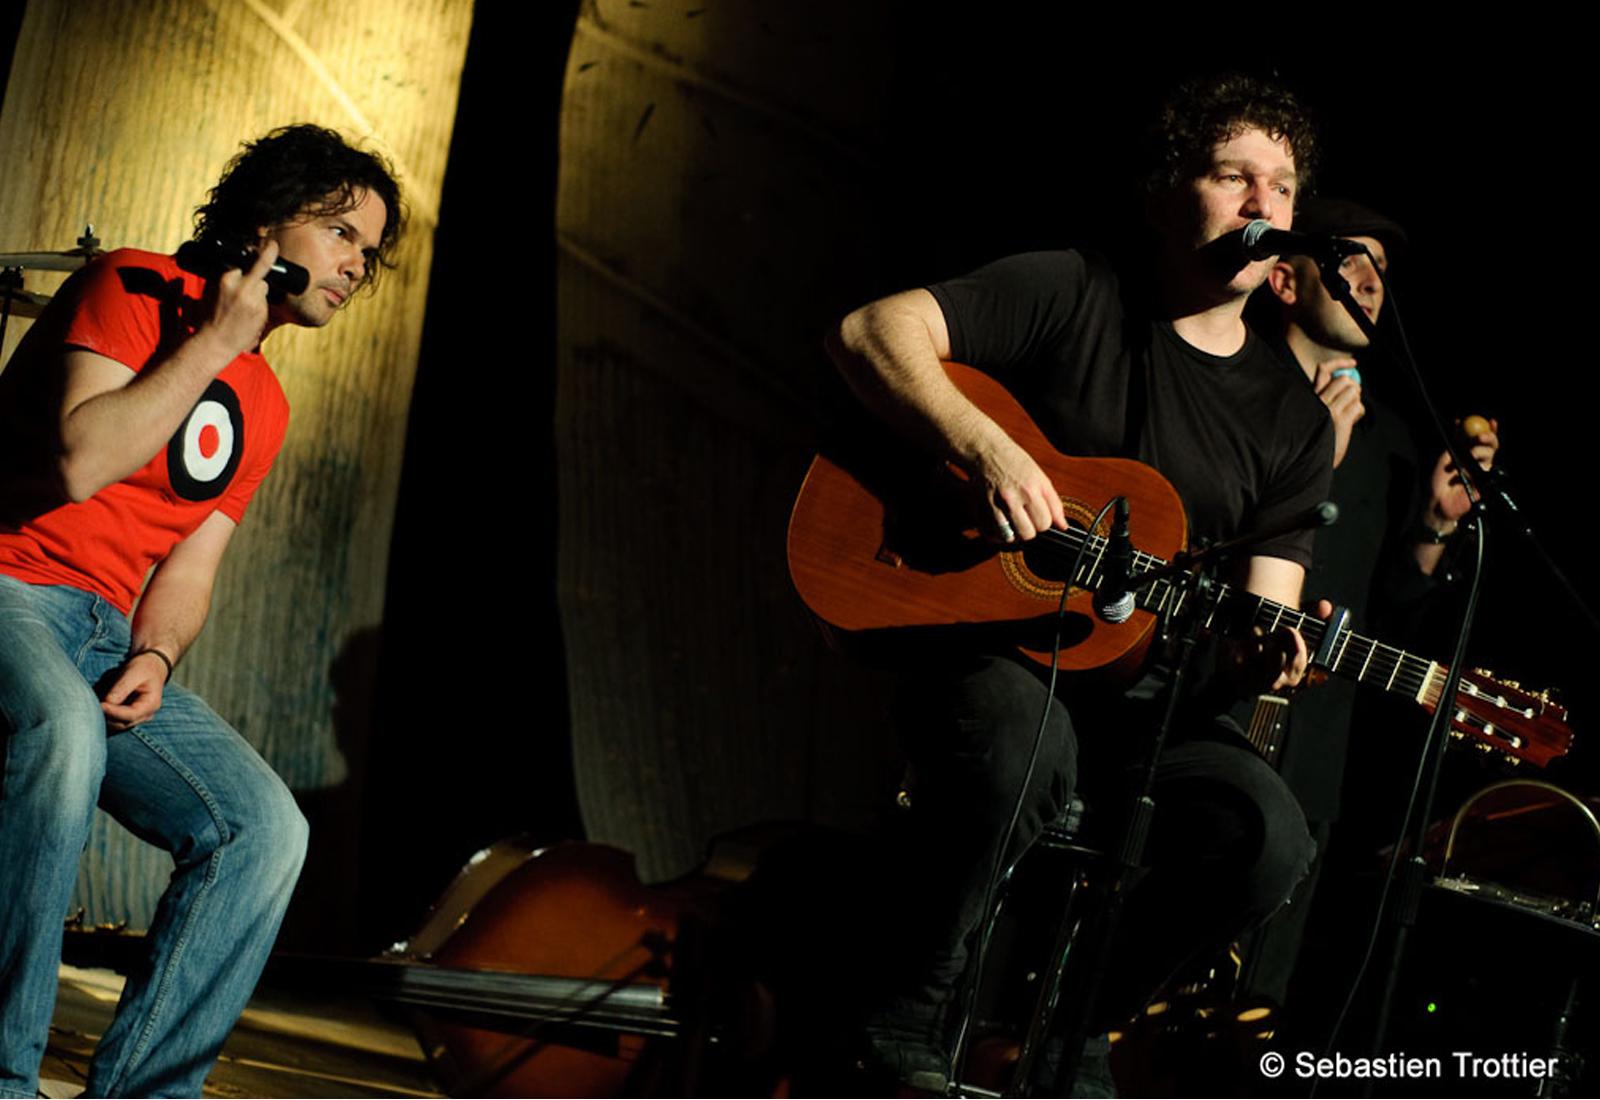 Cendrio sur scène accompagné de ses musiciens ©DR